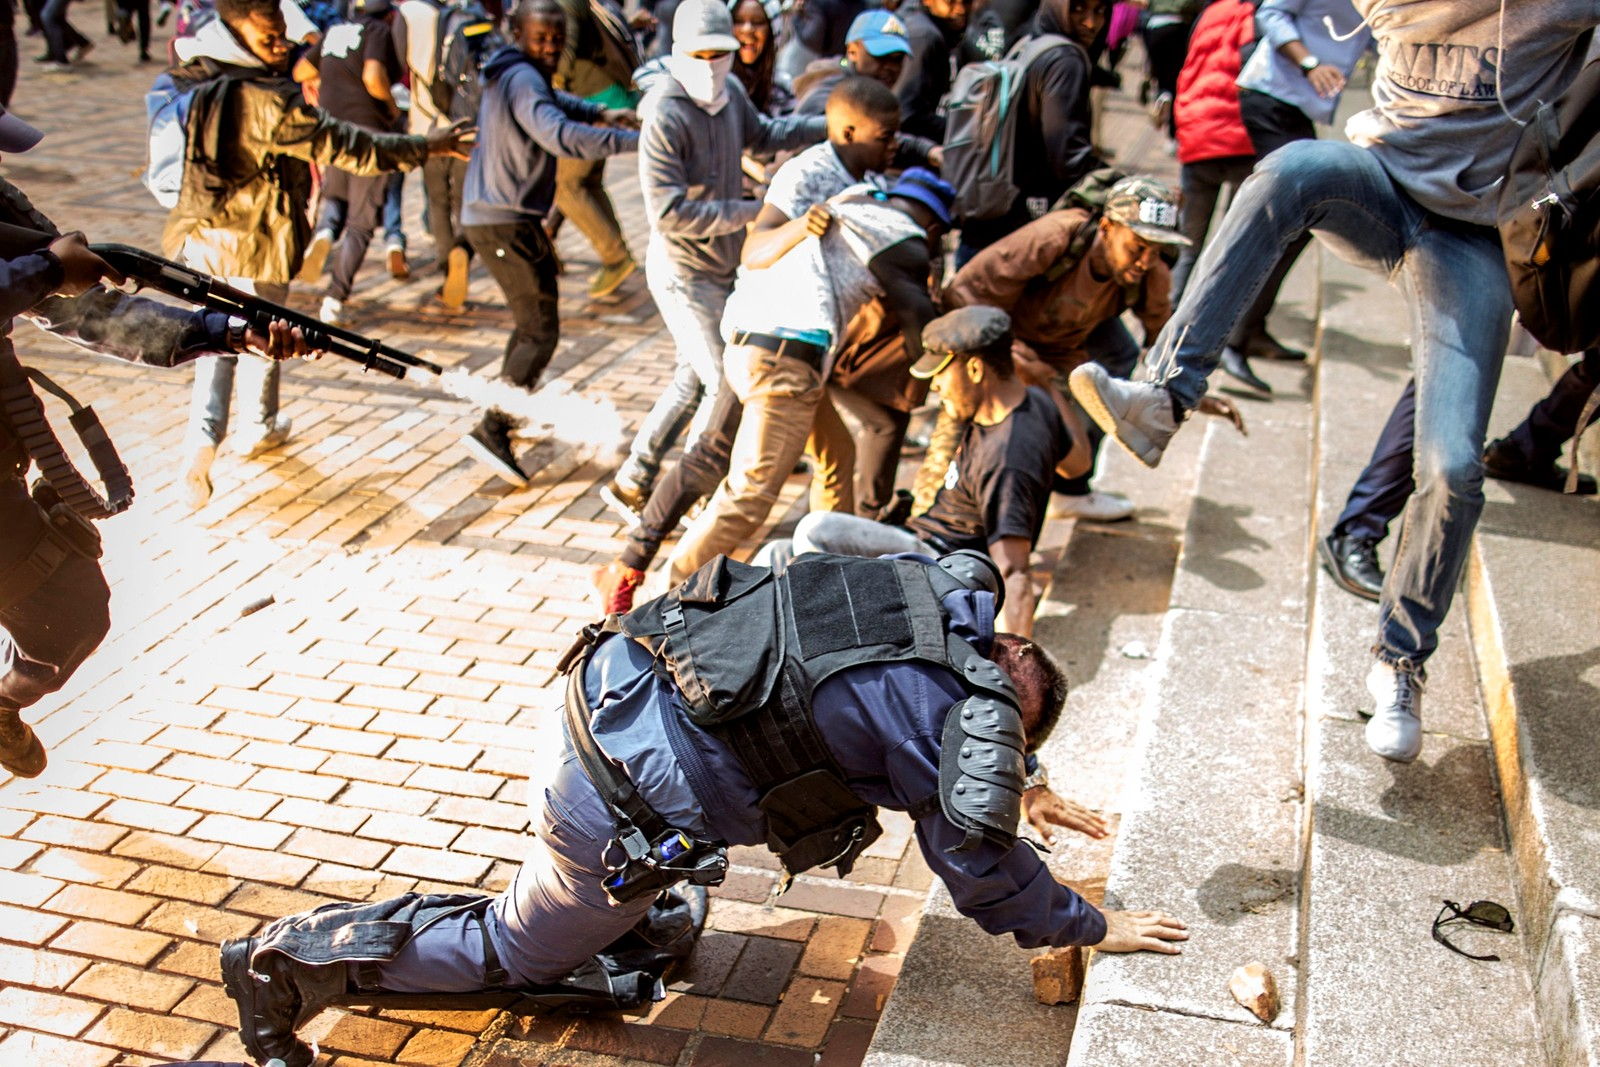 Fullstendig kaos. Studentdemonstrasjonene mot økt studieavgift fortsetter ved Universitetet i Witwatersrand i Johannesburg i Sør-Afrika. Demonstrasjonene har vart i flere uker. Politiet bruket gummikuler, sjokkgranater og tåregass mot studentene.